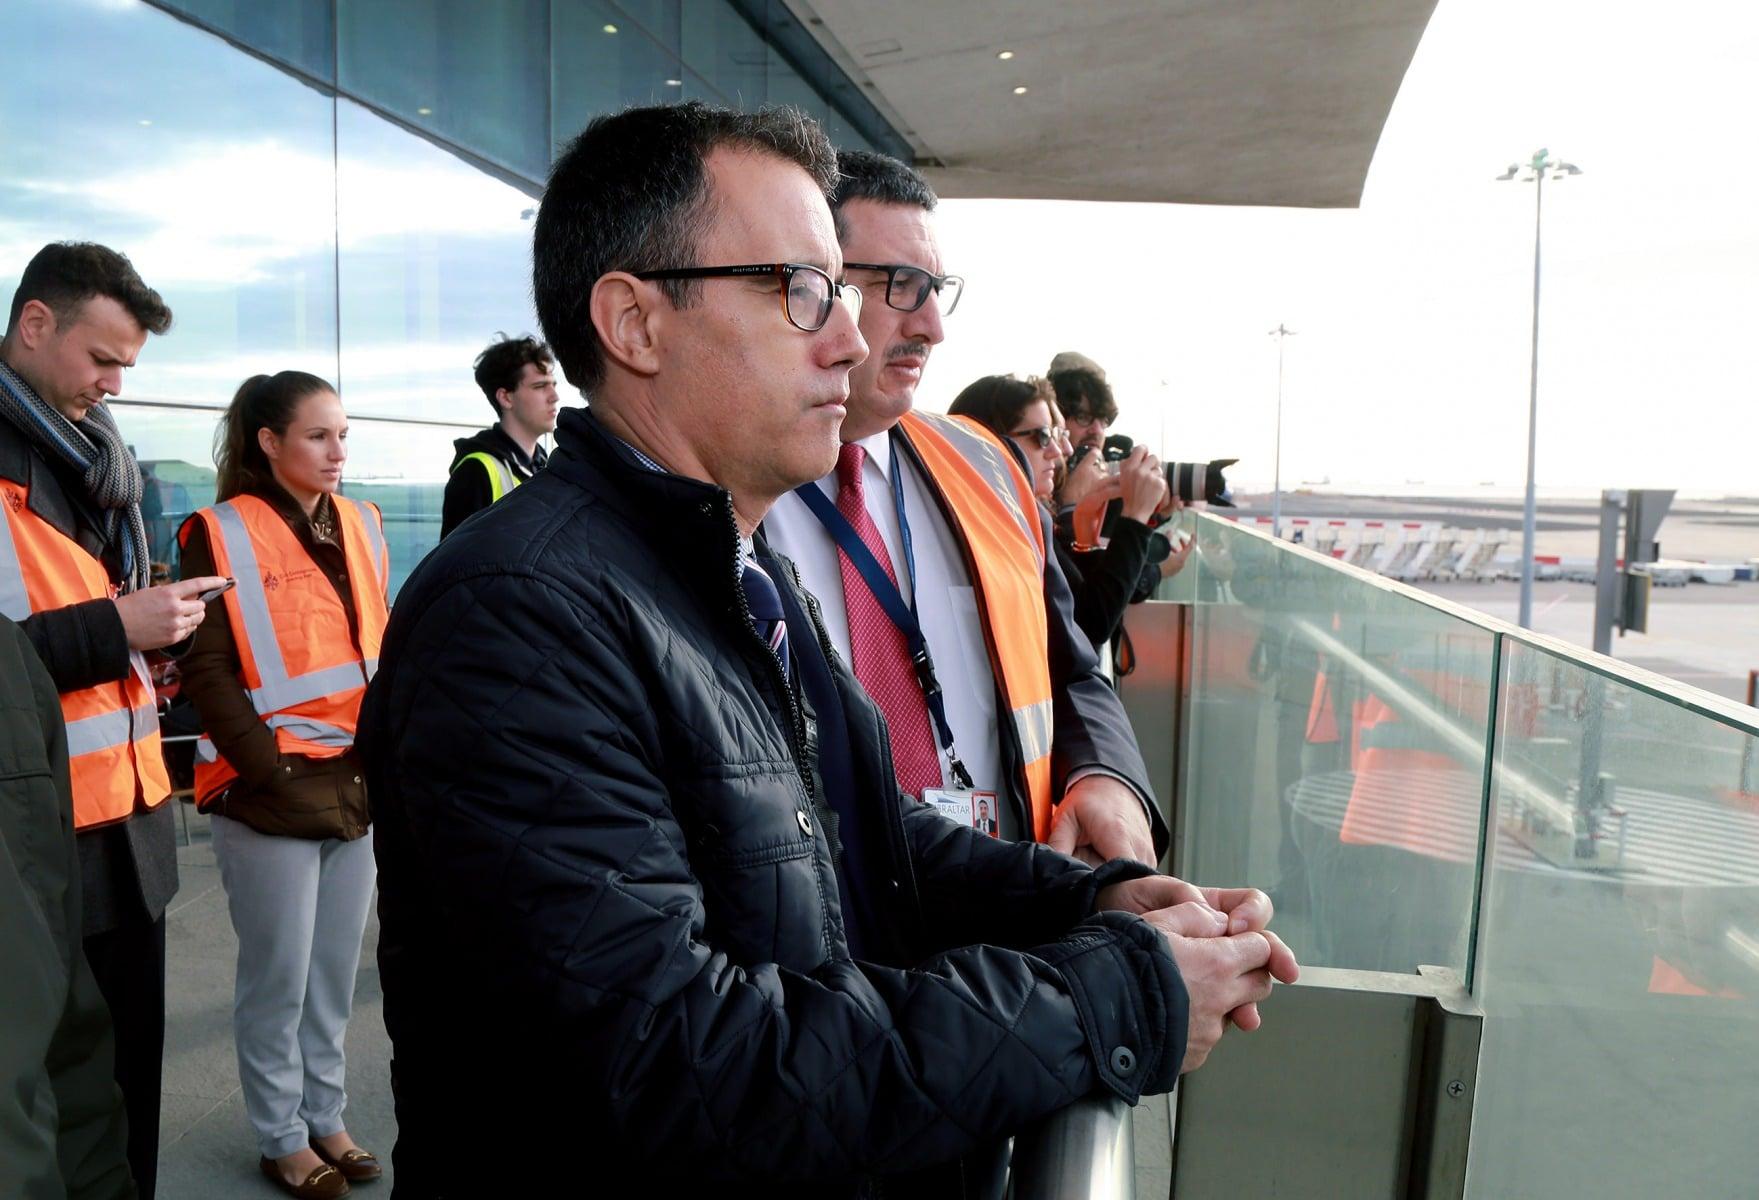 joseph-garca-viceministro-principal-de-gibraltar-el-9-feb-2016-durante-un-simulacro-de-incidente-en-el-aeropuerto-de-gibraltar_24914999045_o